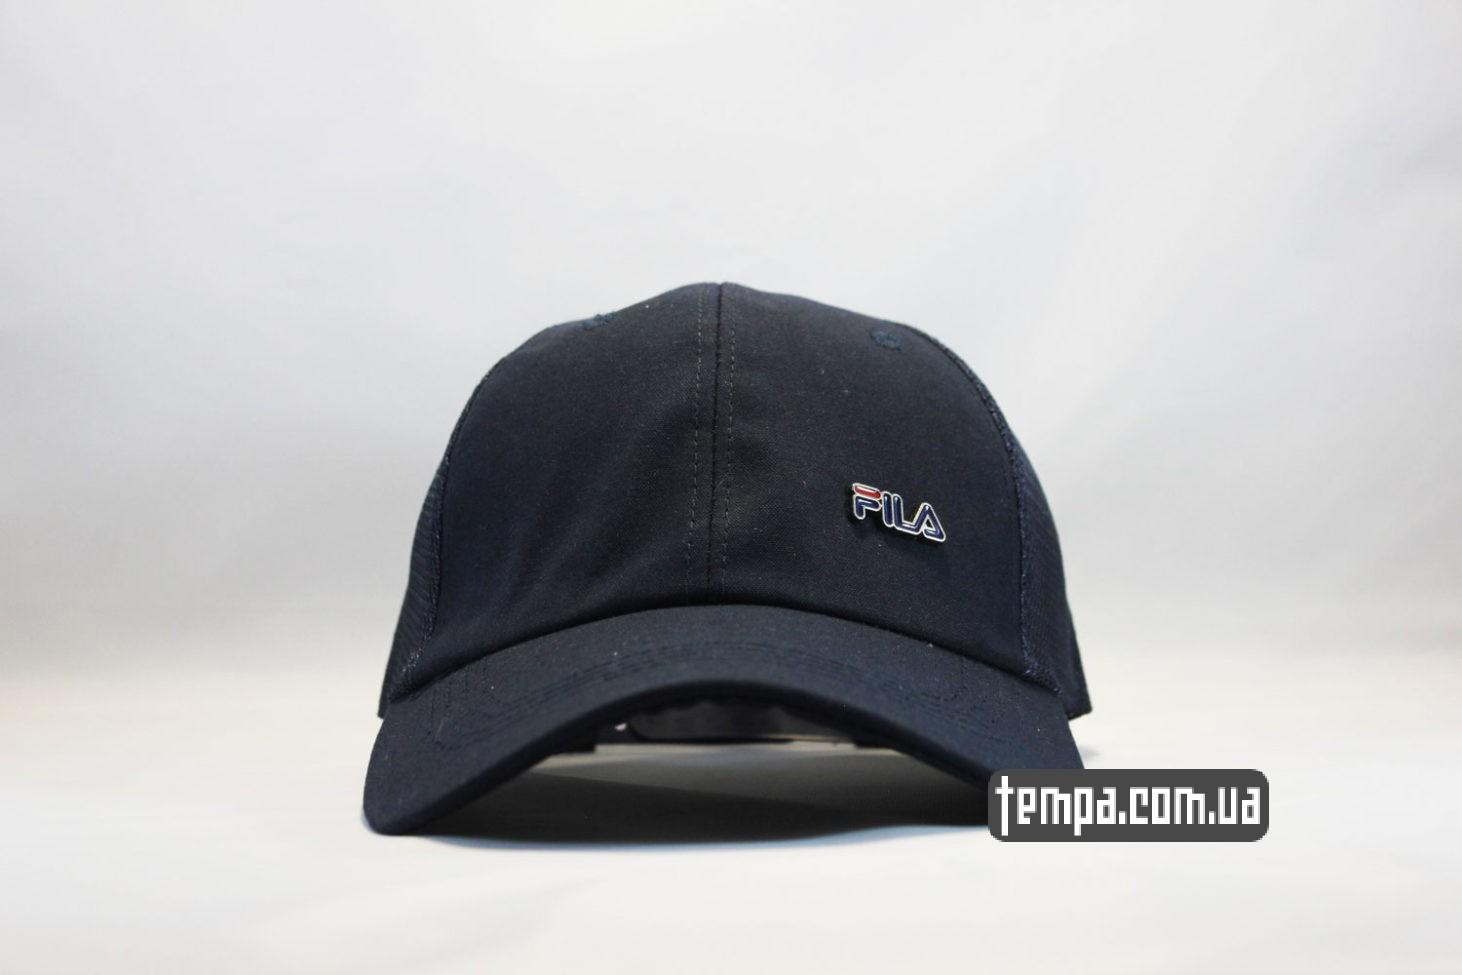 кепка бейсболка fila синяя trucker с сеточкой